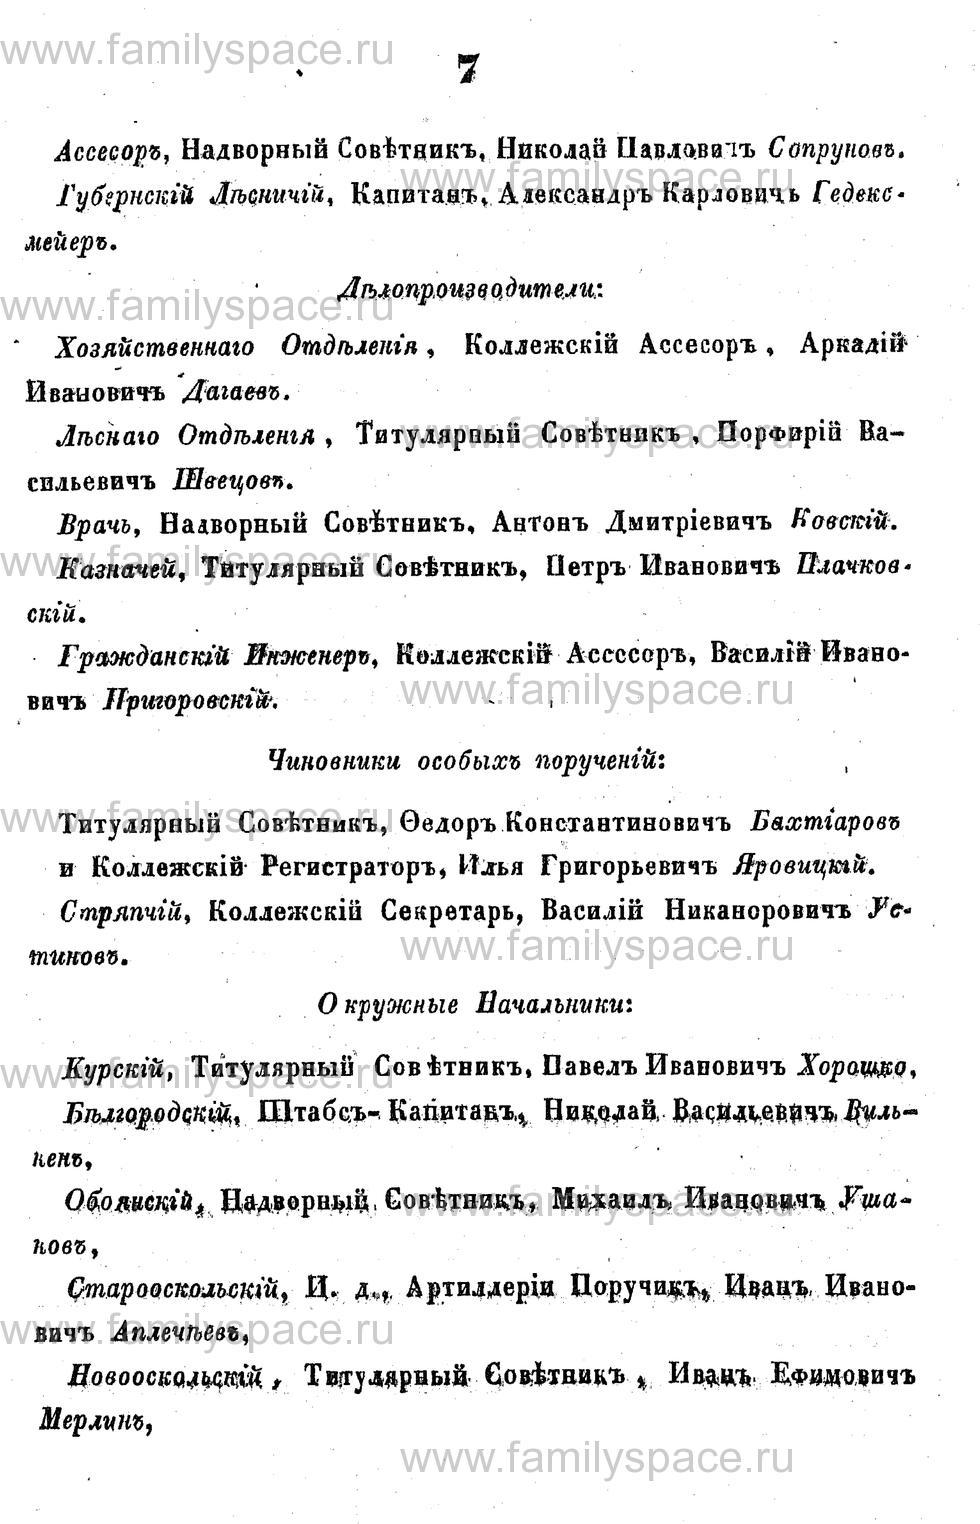 Поиск по фамилии - Адрес-календарь Курской губернии на 1853 год, страница 1007